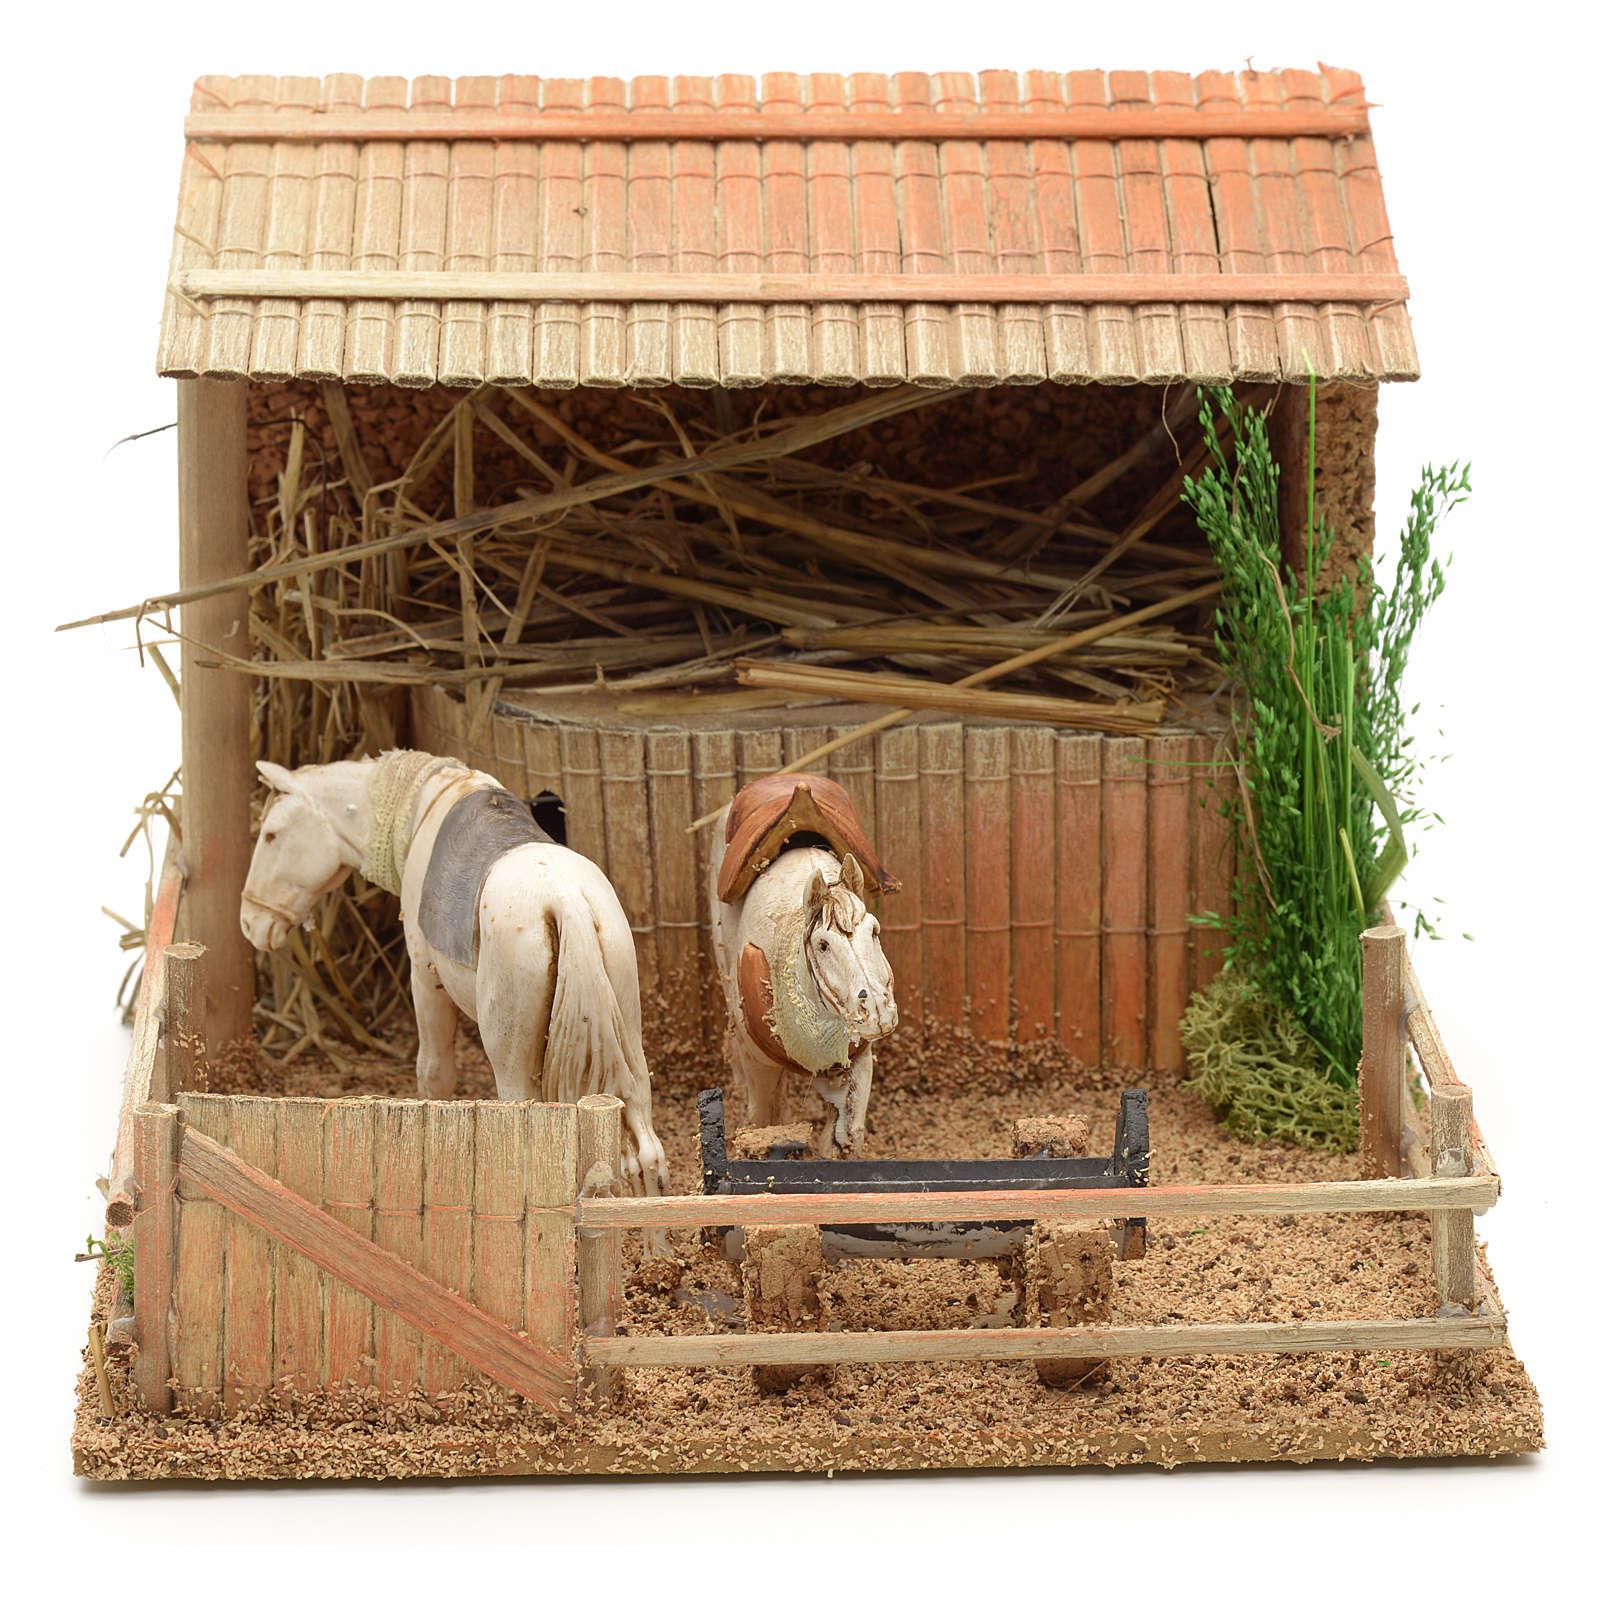 Establo con caballos movimiento 15x23x20 cm 3